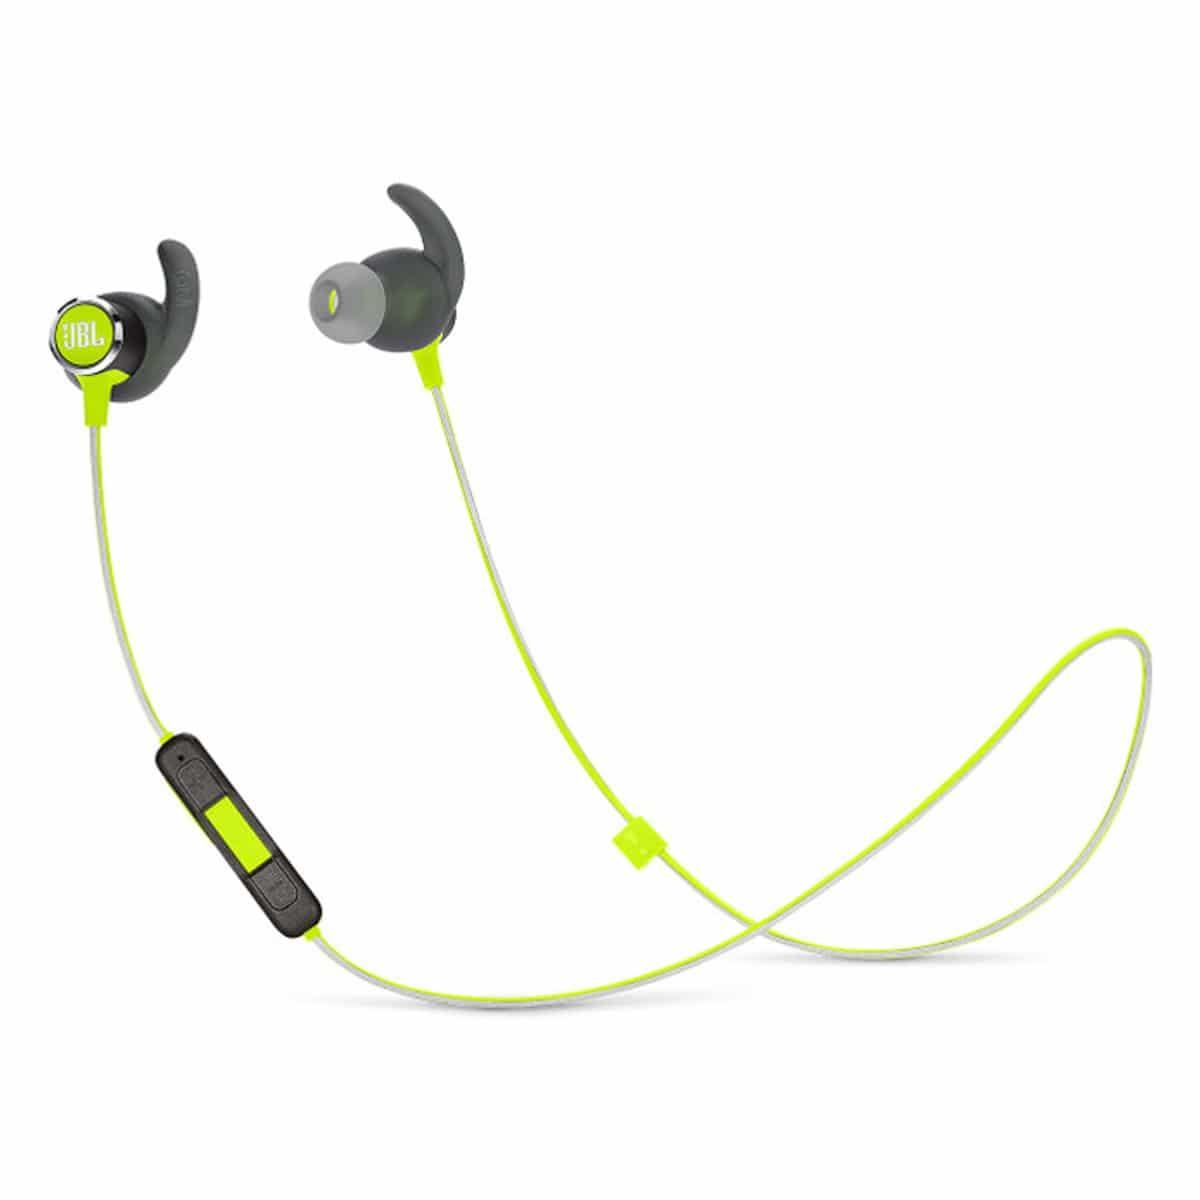 JBL Reflect Mini 2.0 In-Ear Wireless Sport Headphone: A Complete Review